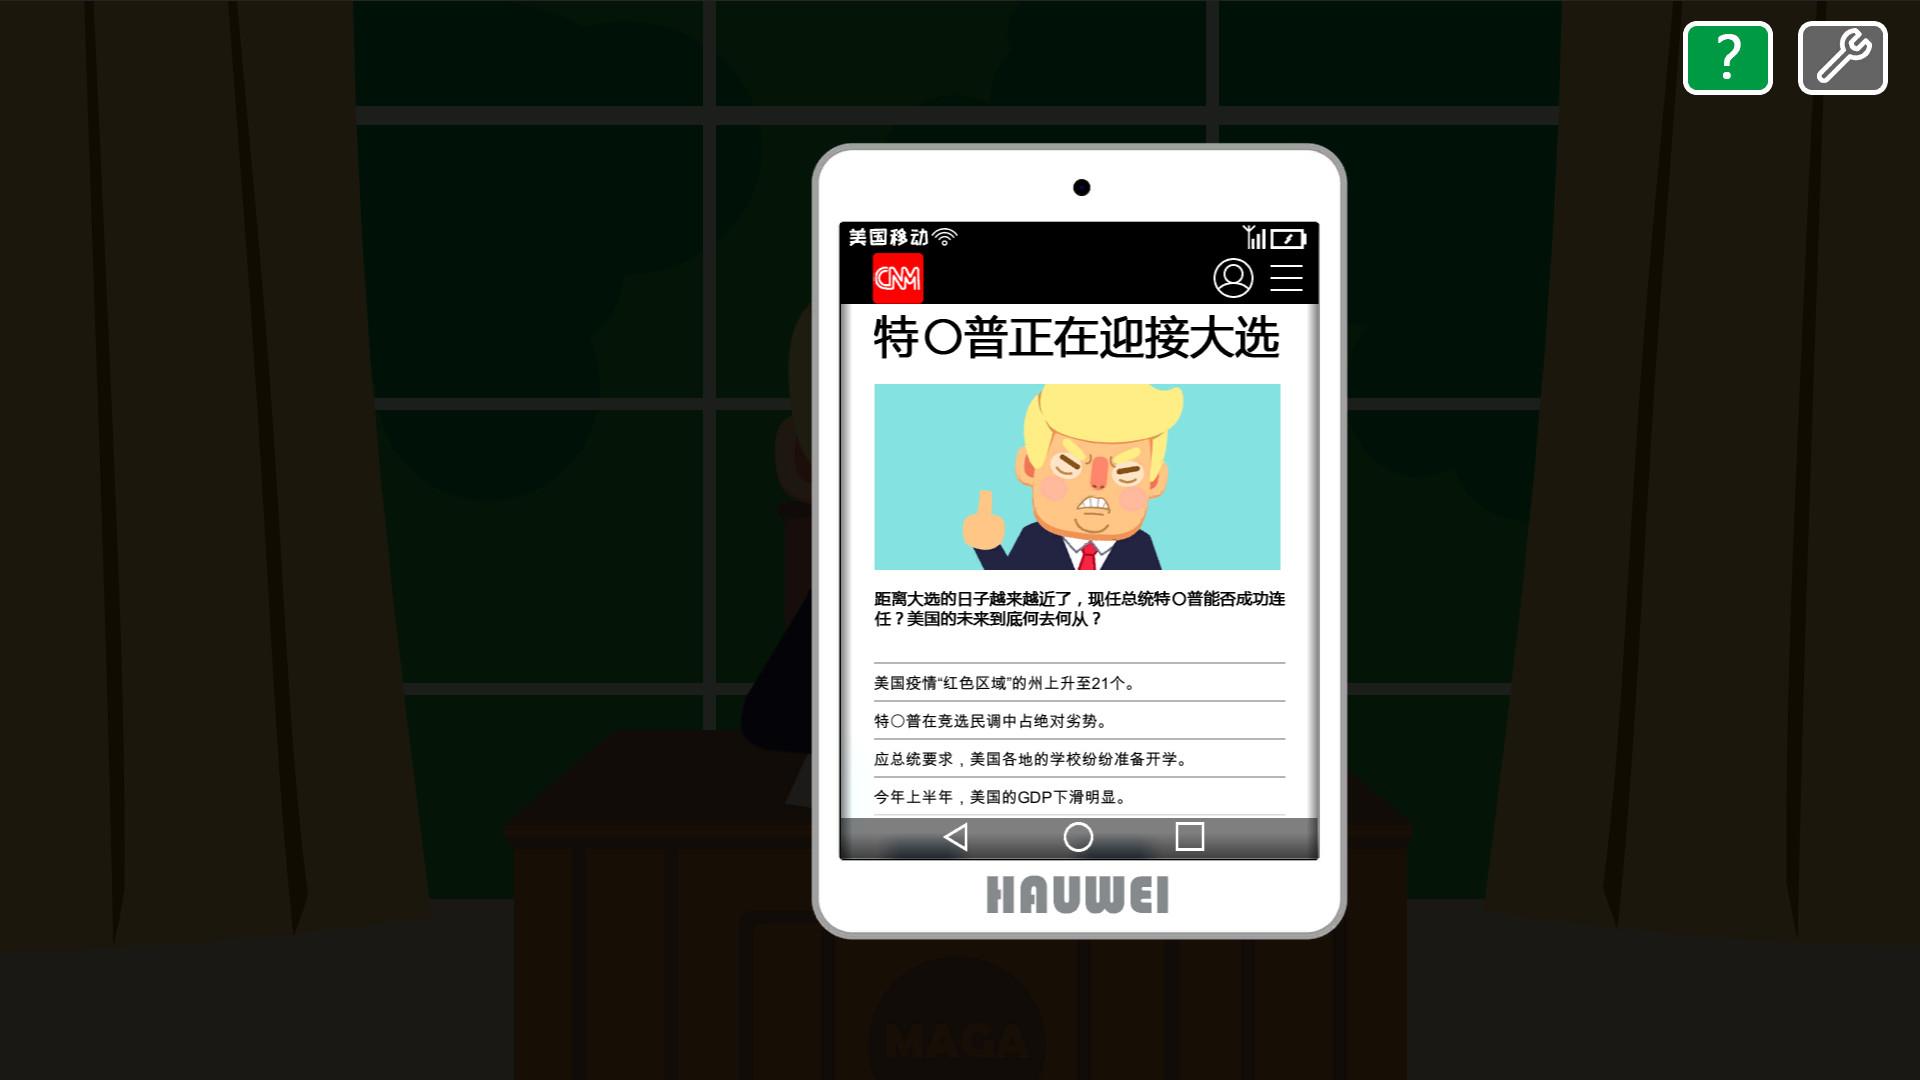 川建国同志想要连任/Comrade Trump's Re-election screenshot